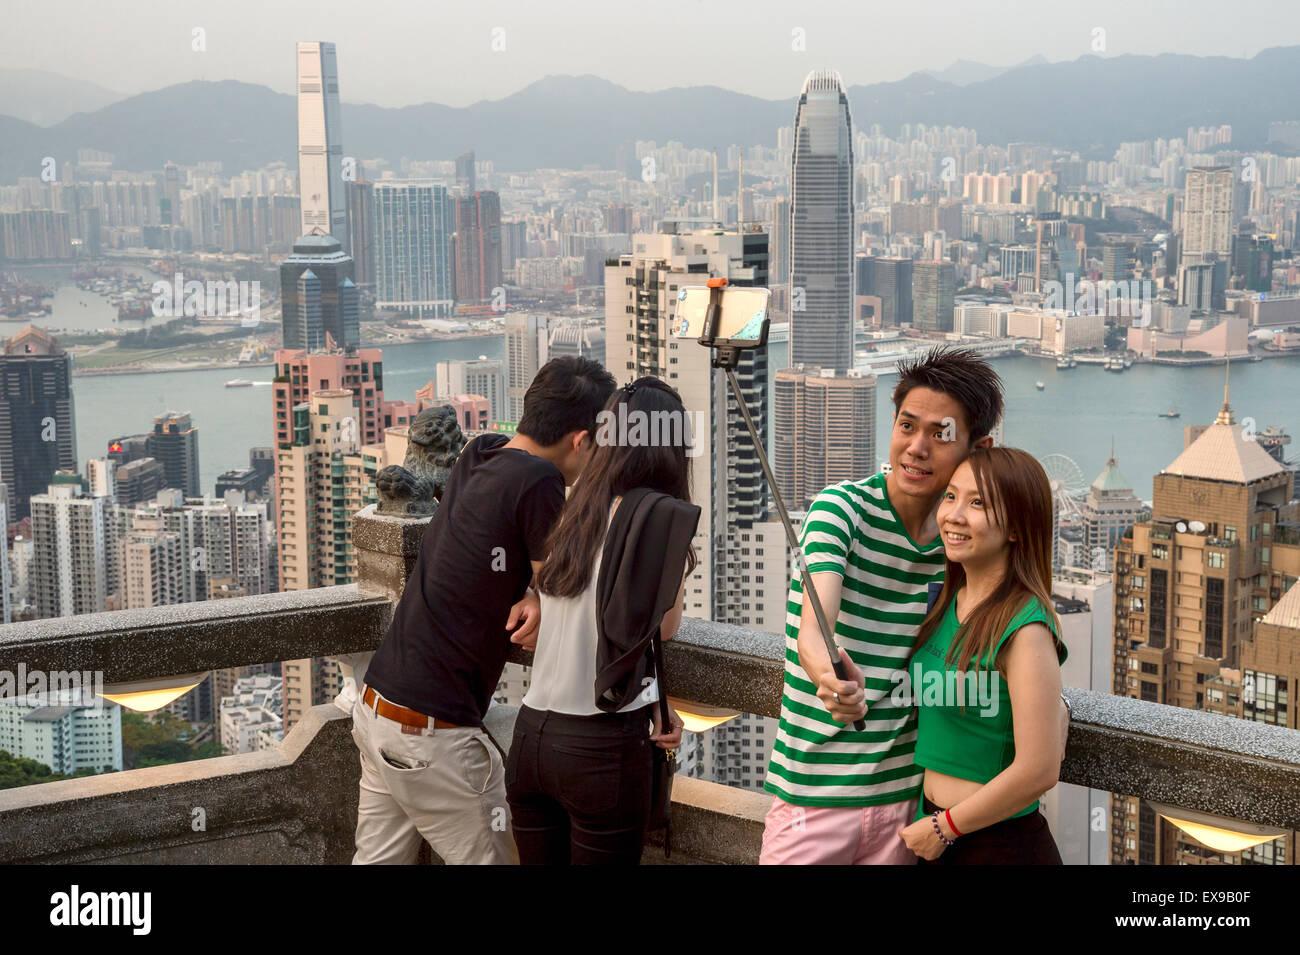 Junge asiatische paar mit einem Selfie-Stick vor Hong Kong Skyline vom Victoria peak Stockbild